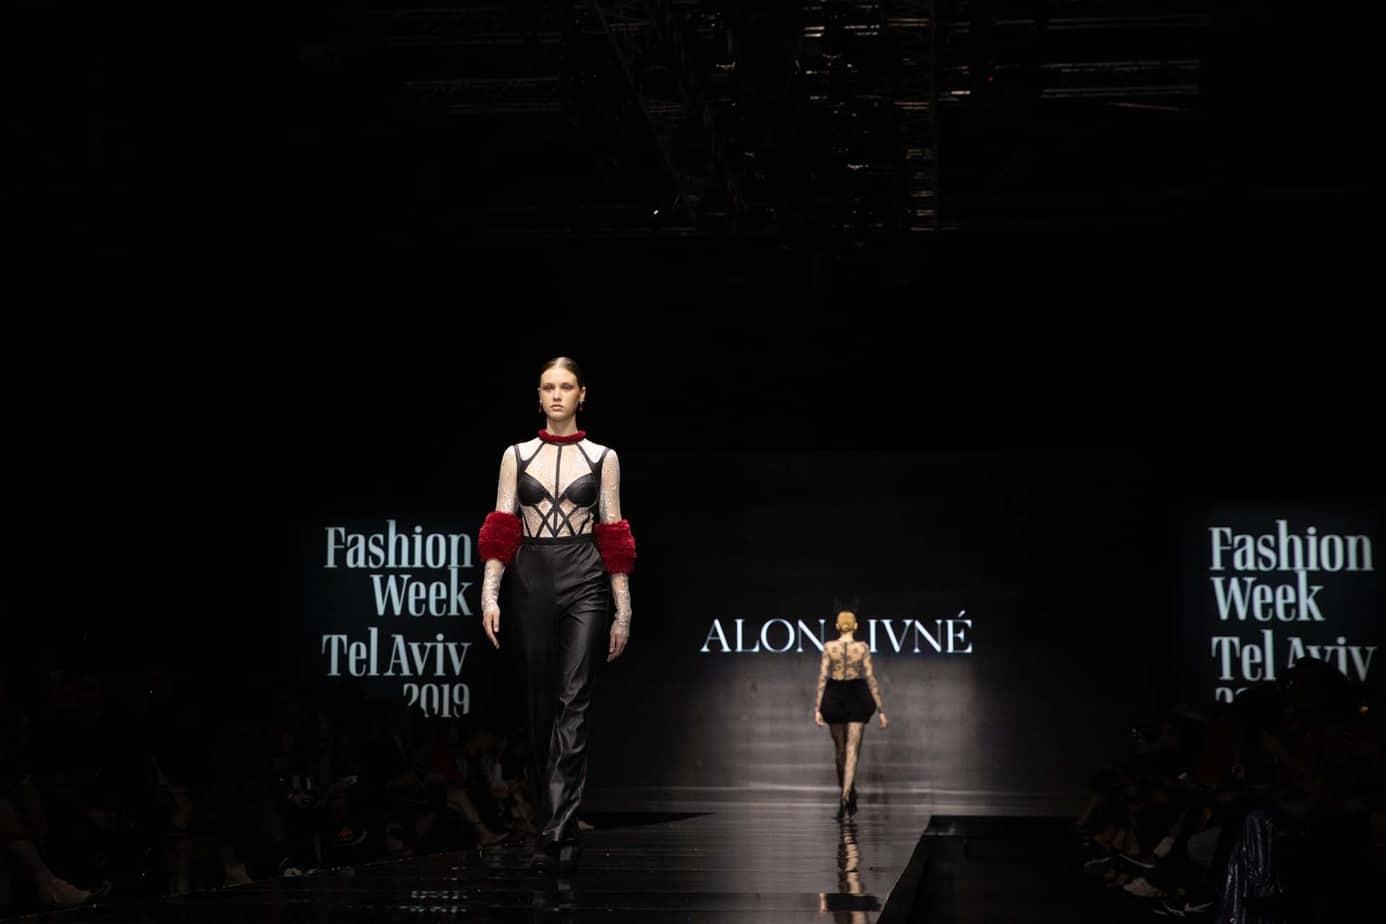 אלון ליבנה. שבוע האופנה תל אביב 2019. צילום עומר קפלן - 3